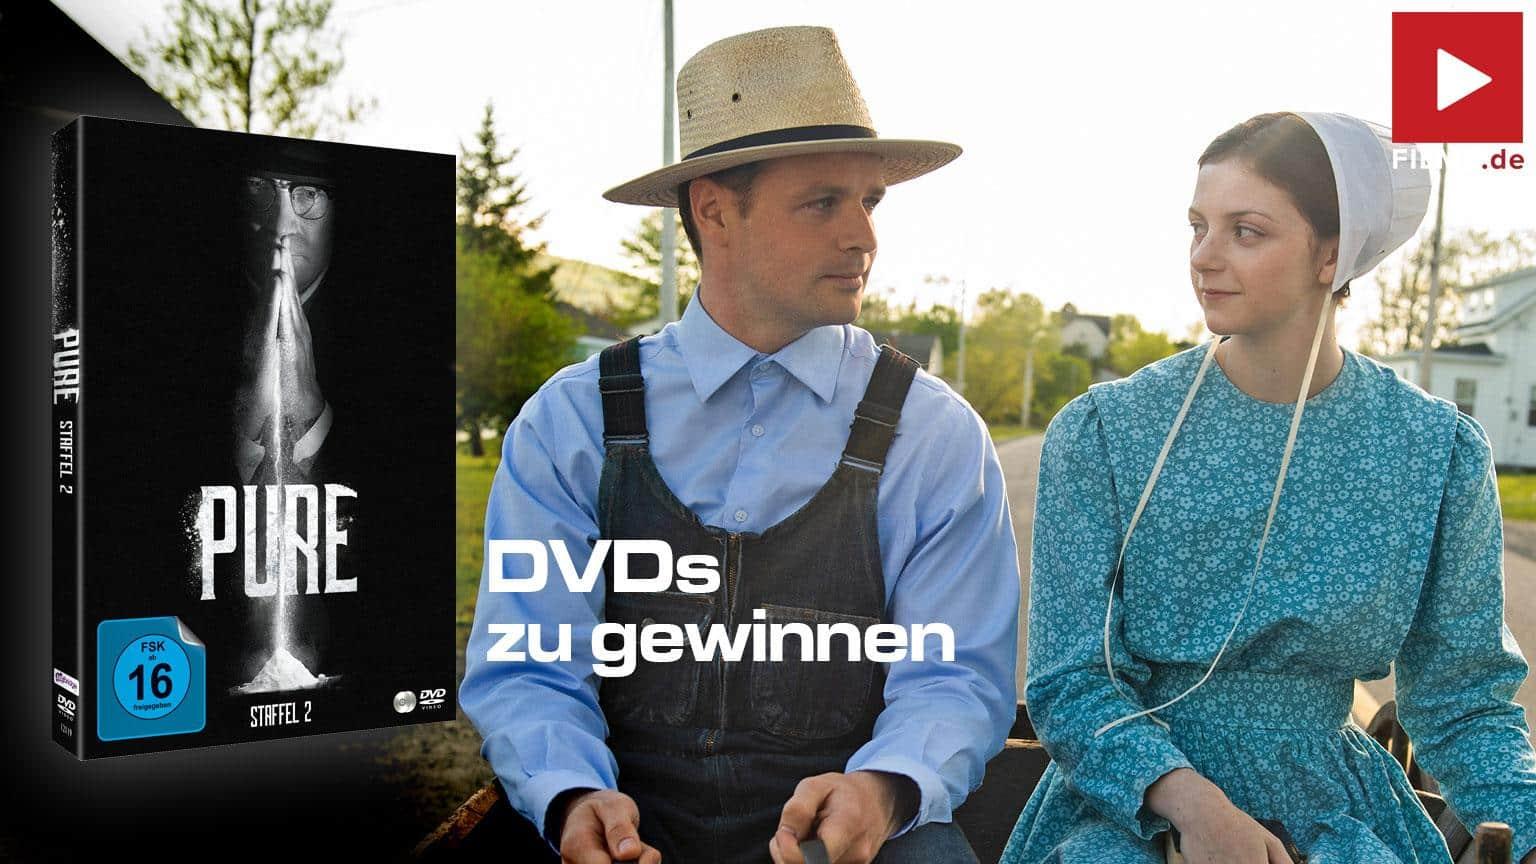 Pure - Gut gegen Böse - Die Komplette Staffel 2 [Blu-ray] Gewinnspiel DVD gewinnen shop kaufen Artikelbild